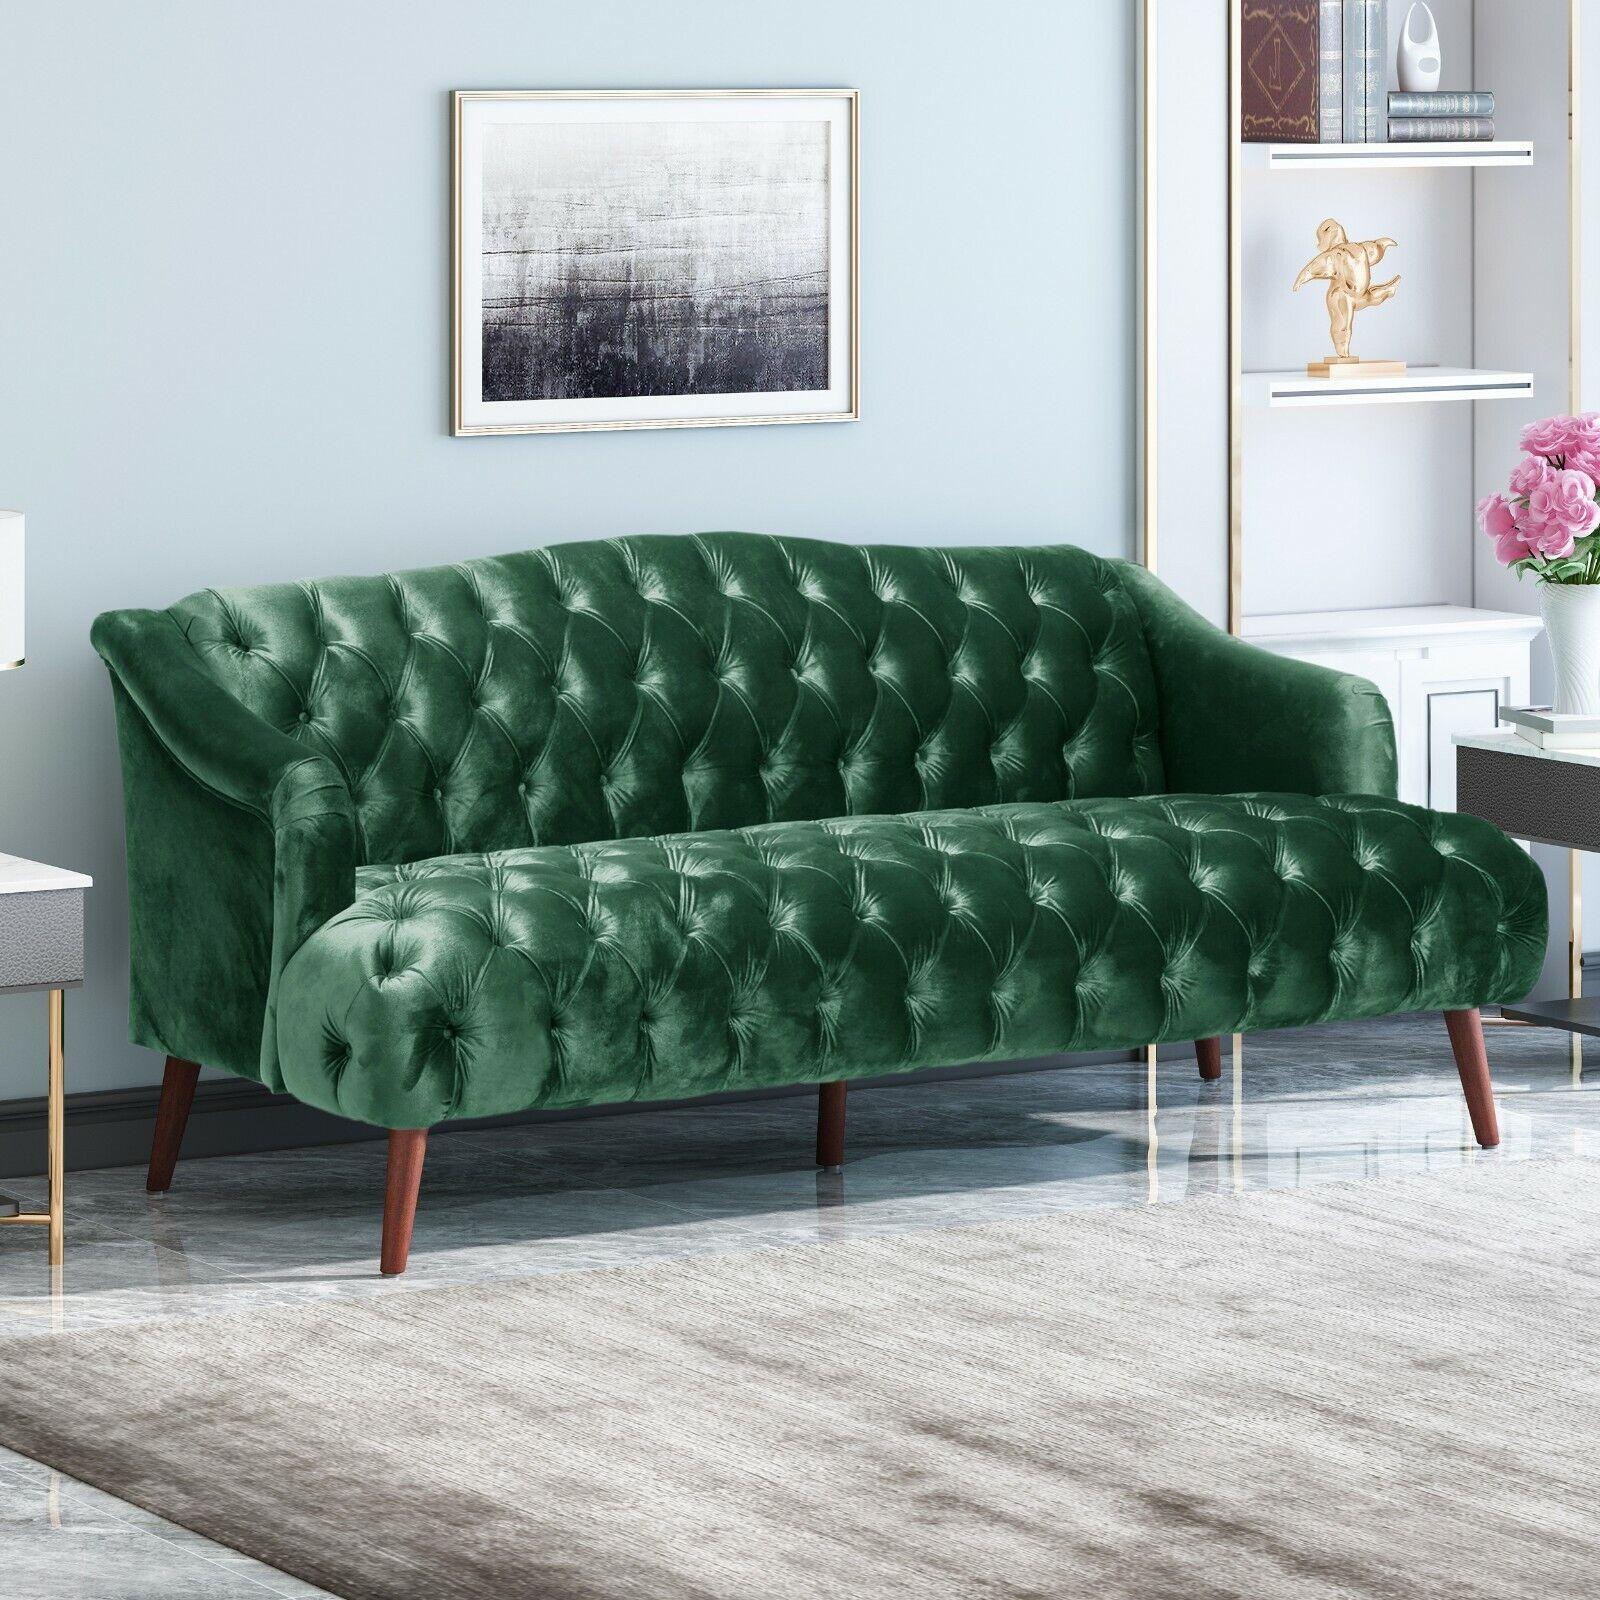 Kayleigh Modern Glam Tufted Velvet 3 Seater Sofa